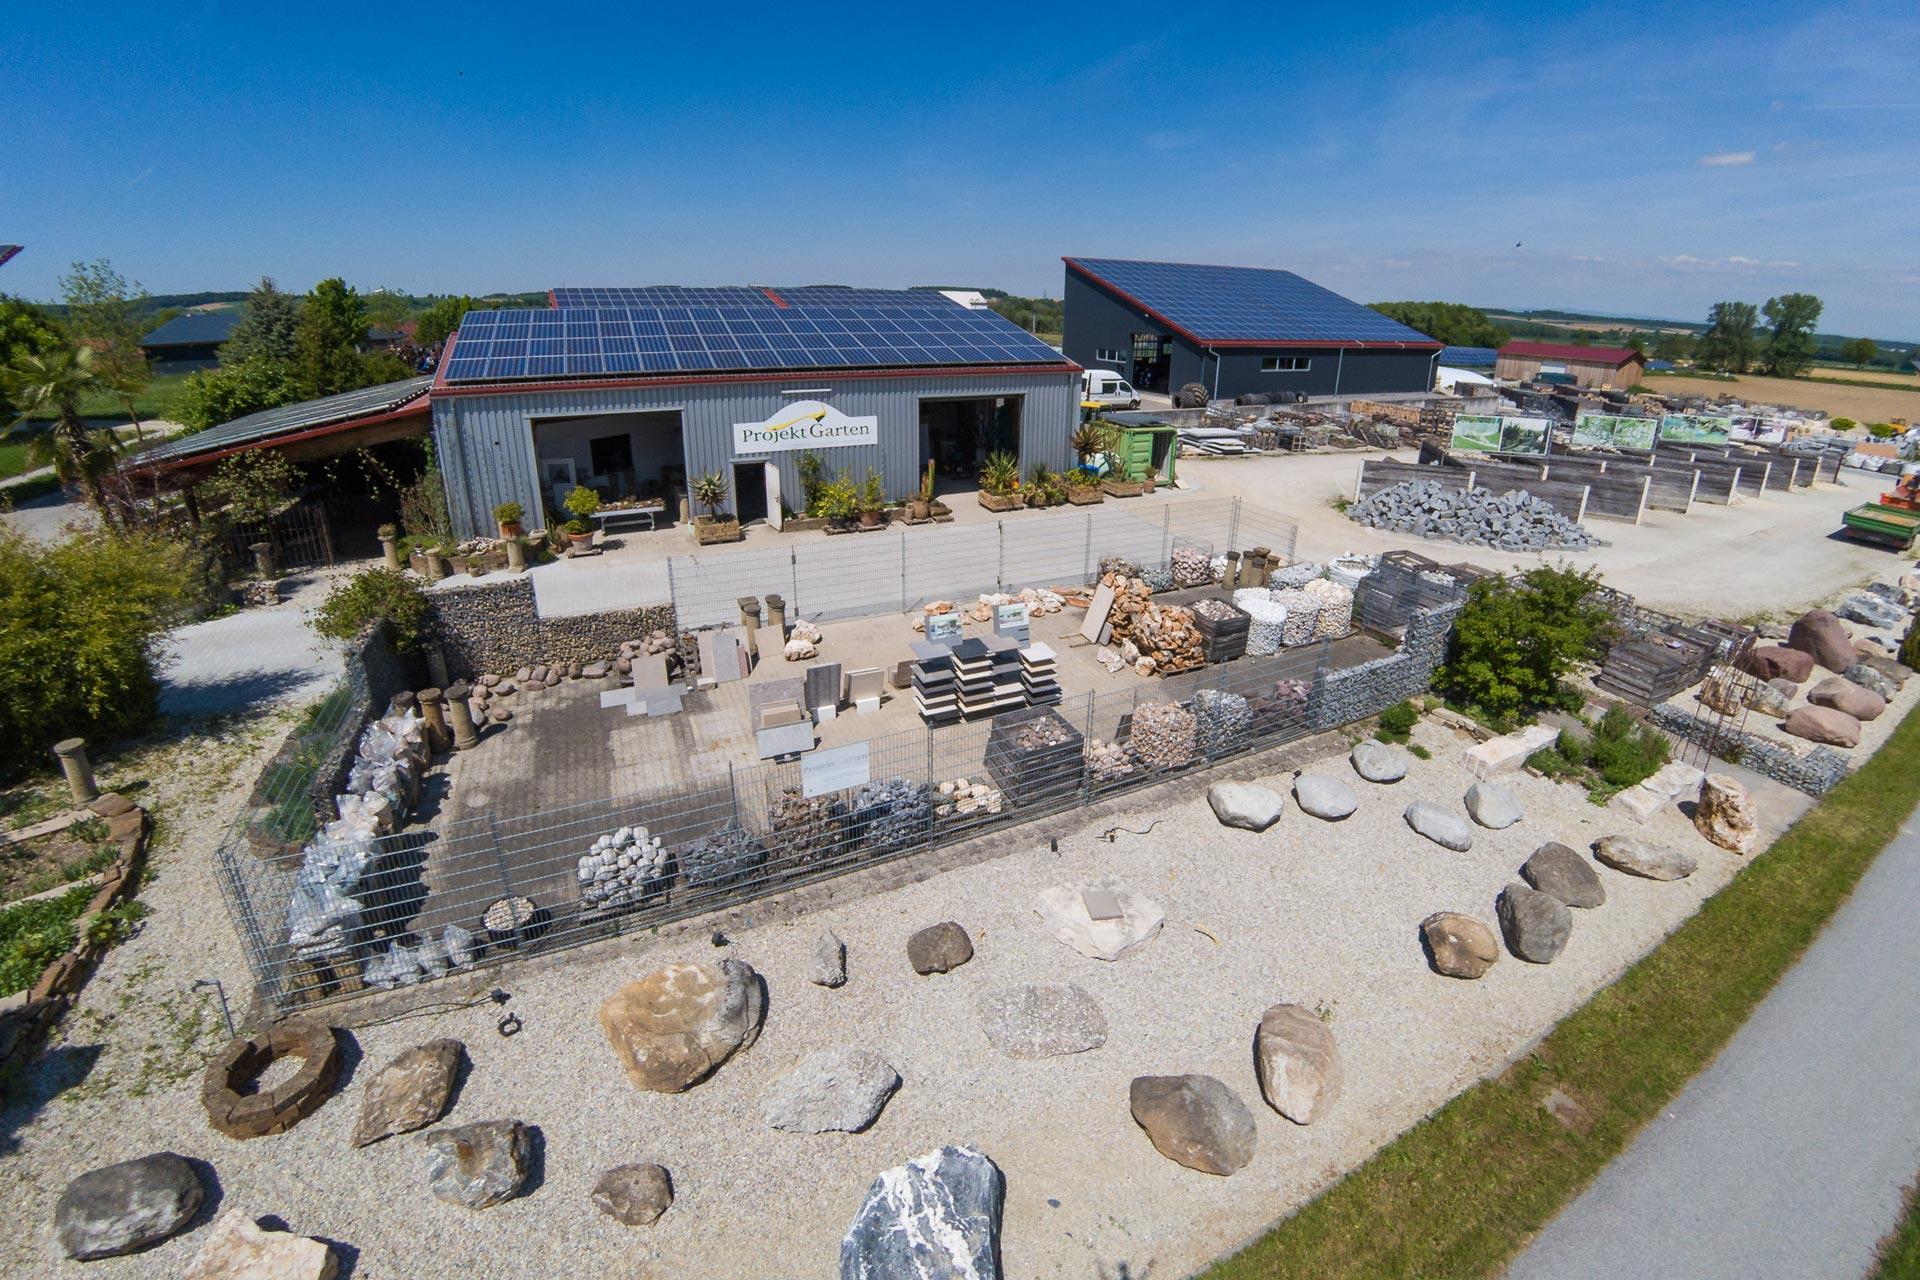 Projekt Garten - Natursteinhandel / Garten- und Landschaftsbau